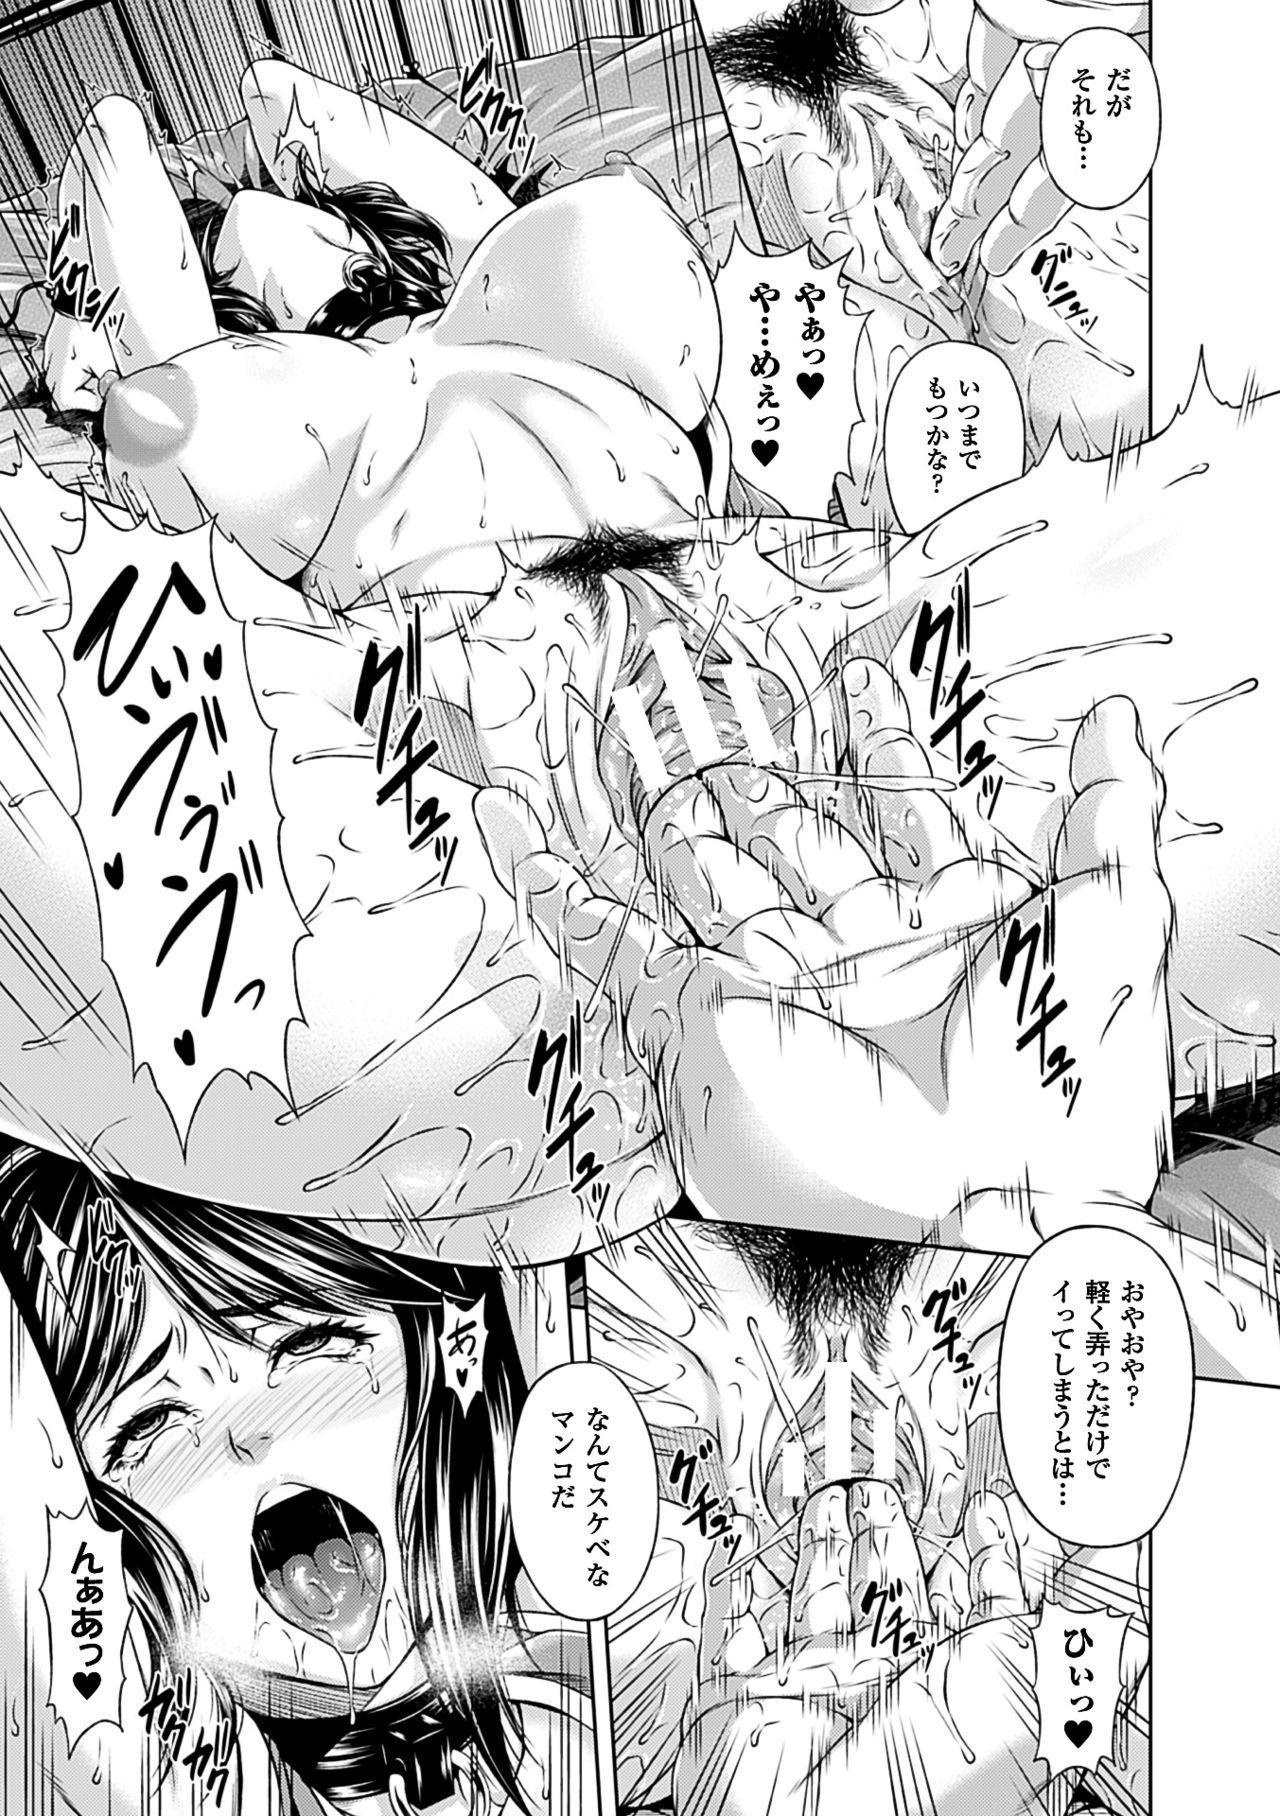 Mesu Hana ga Ochiru Toki - Maidenly Bloom Fallen 12